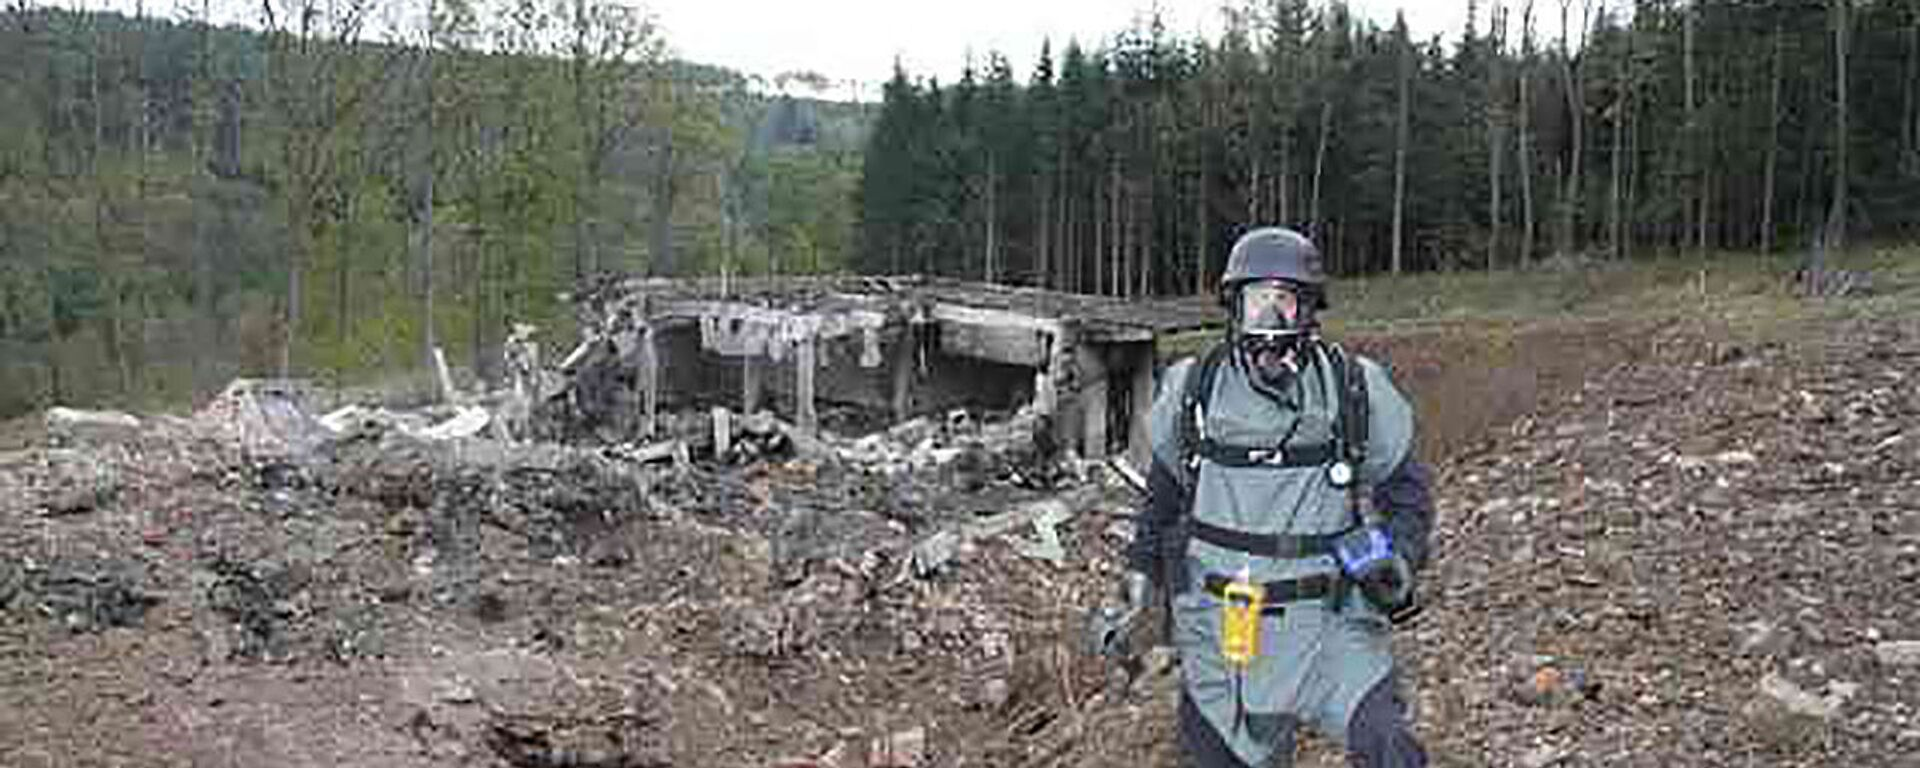 Výbuch ve skladu munice ve Vrběticích - Sputnik Česká republika, 1920, 20.04.2021